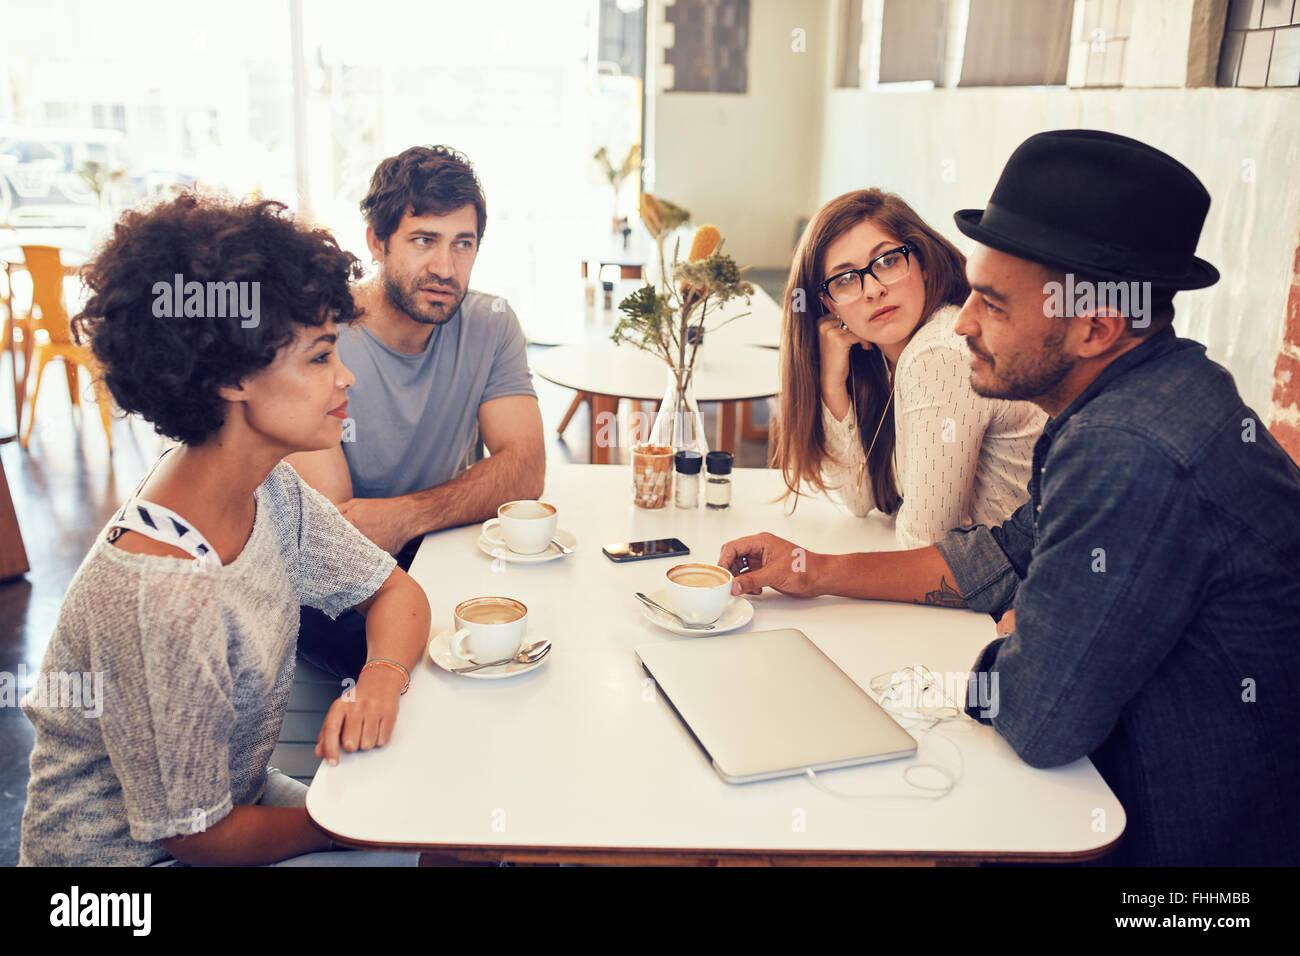 Retrato de hombres y mujeres jóvenes sentados en una cafetería y hablando. Grupo de jóvenes amigos Imagen De Stock